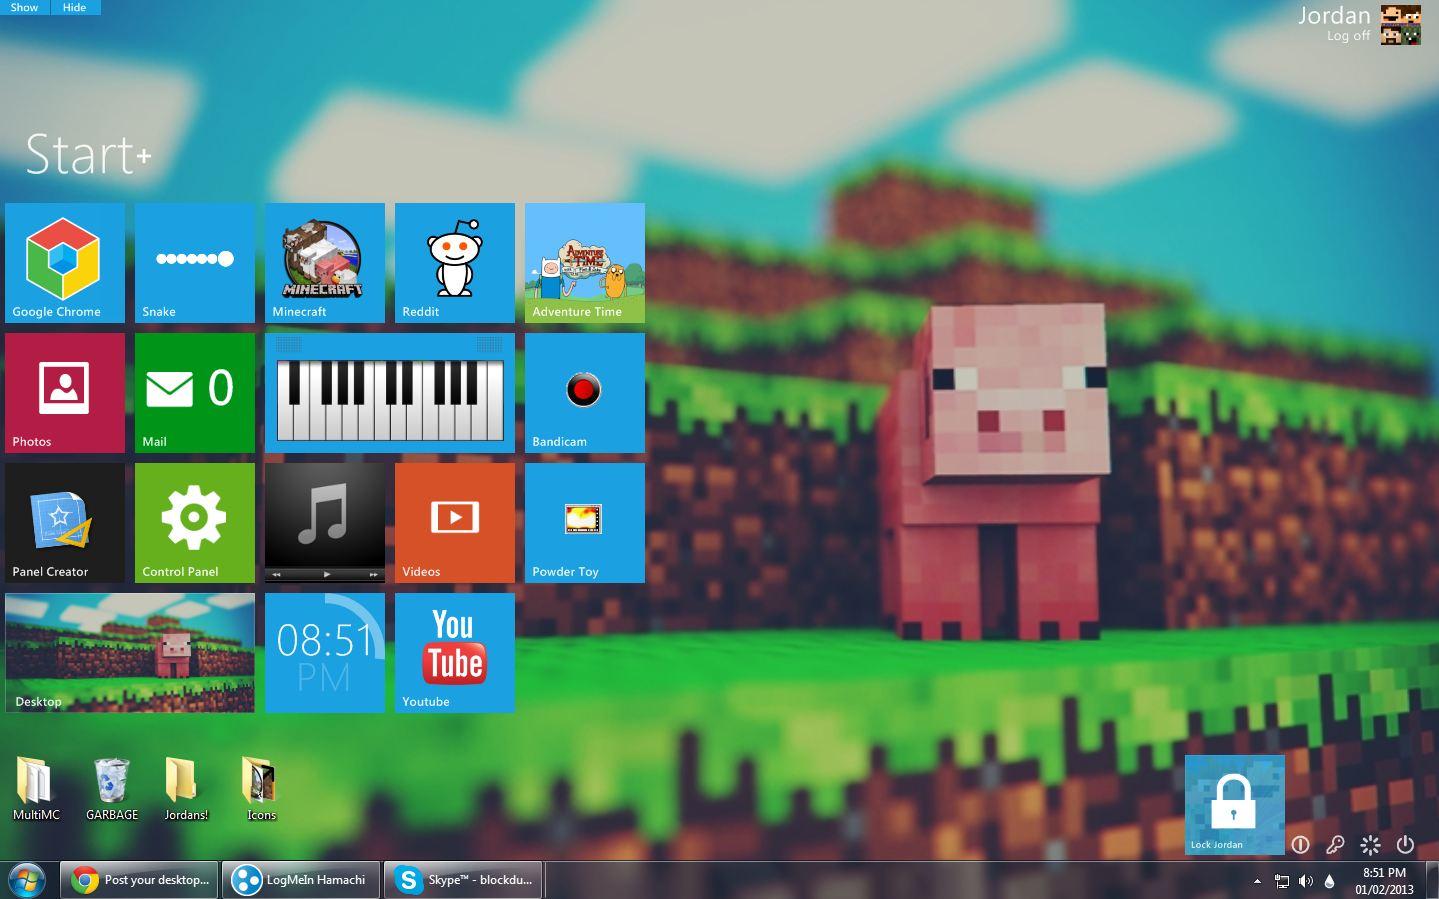 Post your desktop background! Desk10